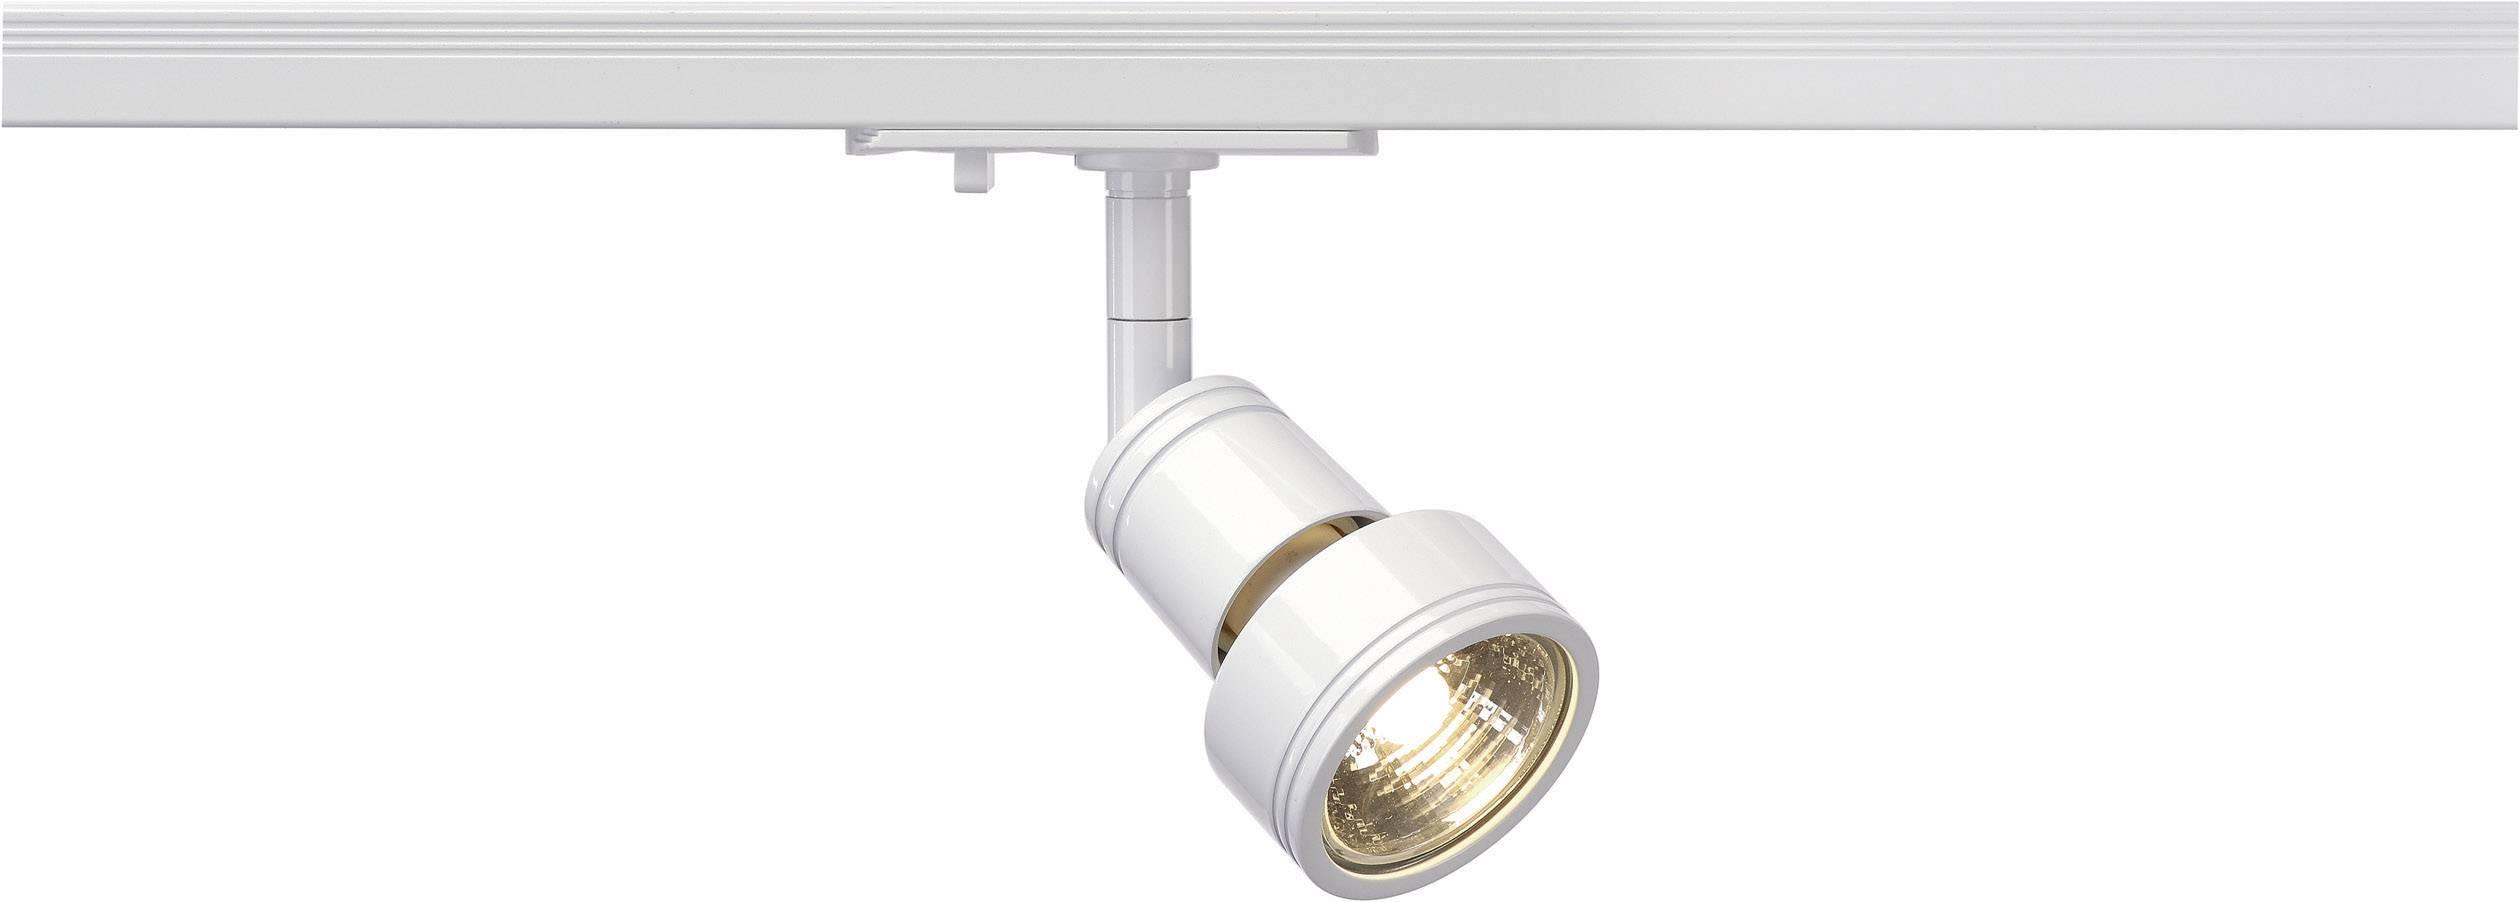 Svietidlo pre lištové systémy (230 V) - SLV Puri, GU10, 1-fázové, 50 W, biela